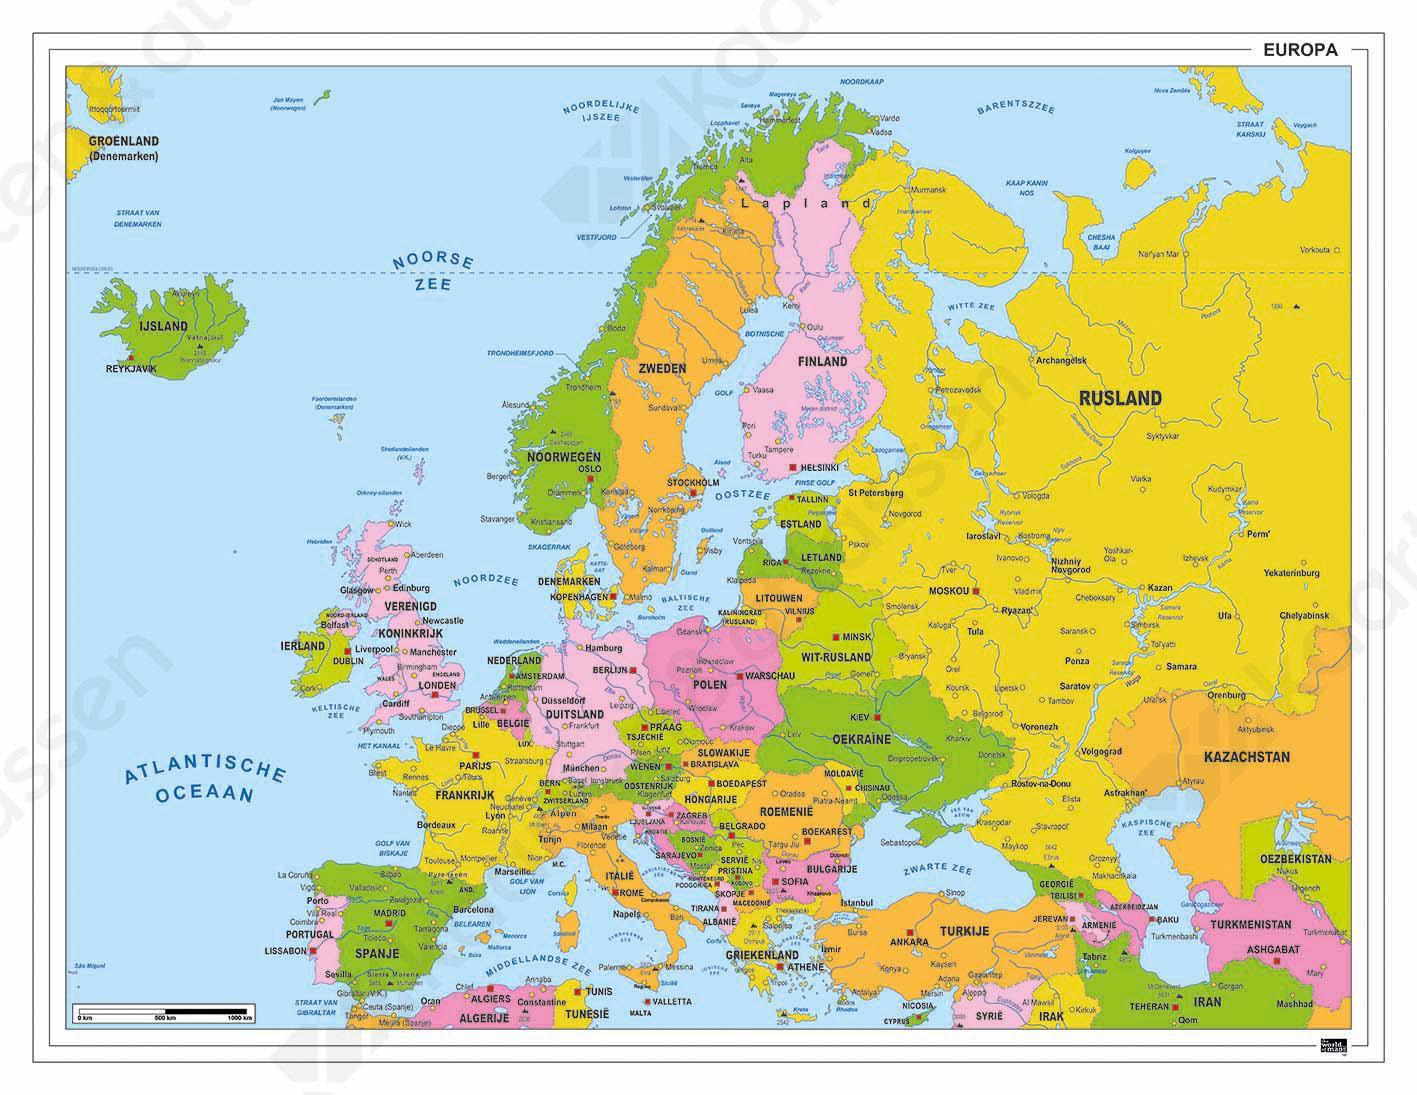 europa kaart met hoofdsteden Europakaart 161 | Kaarten en Atlassen.nl